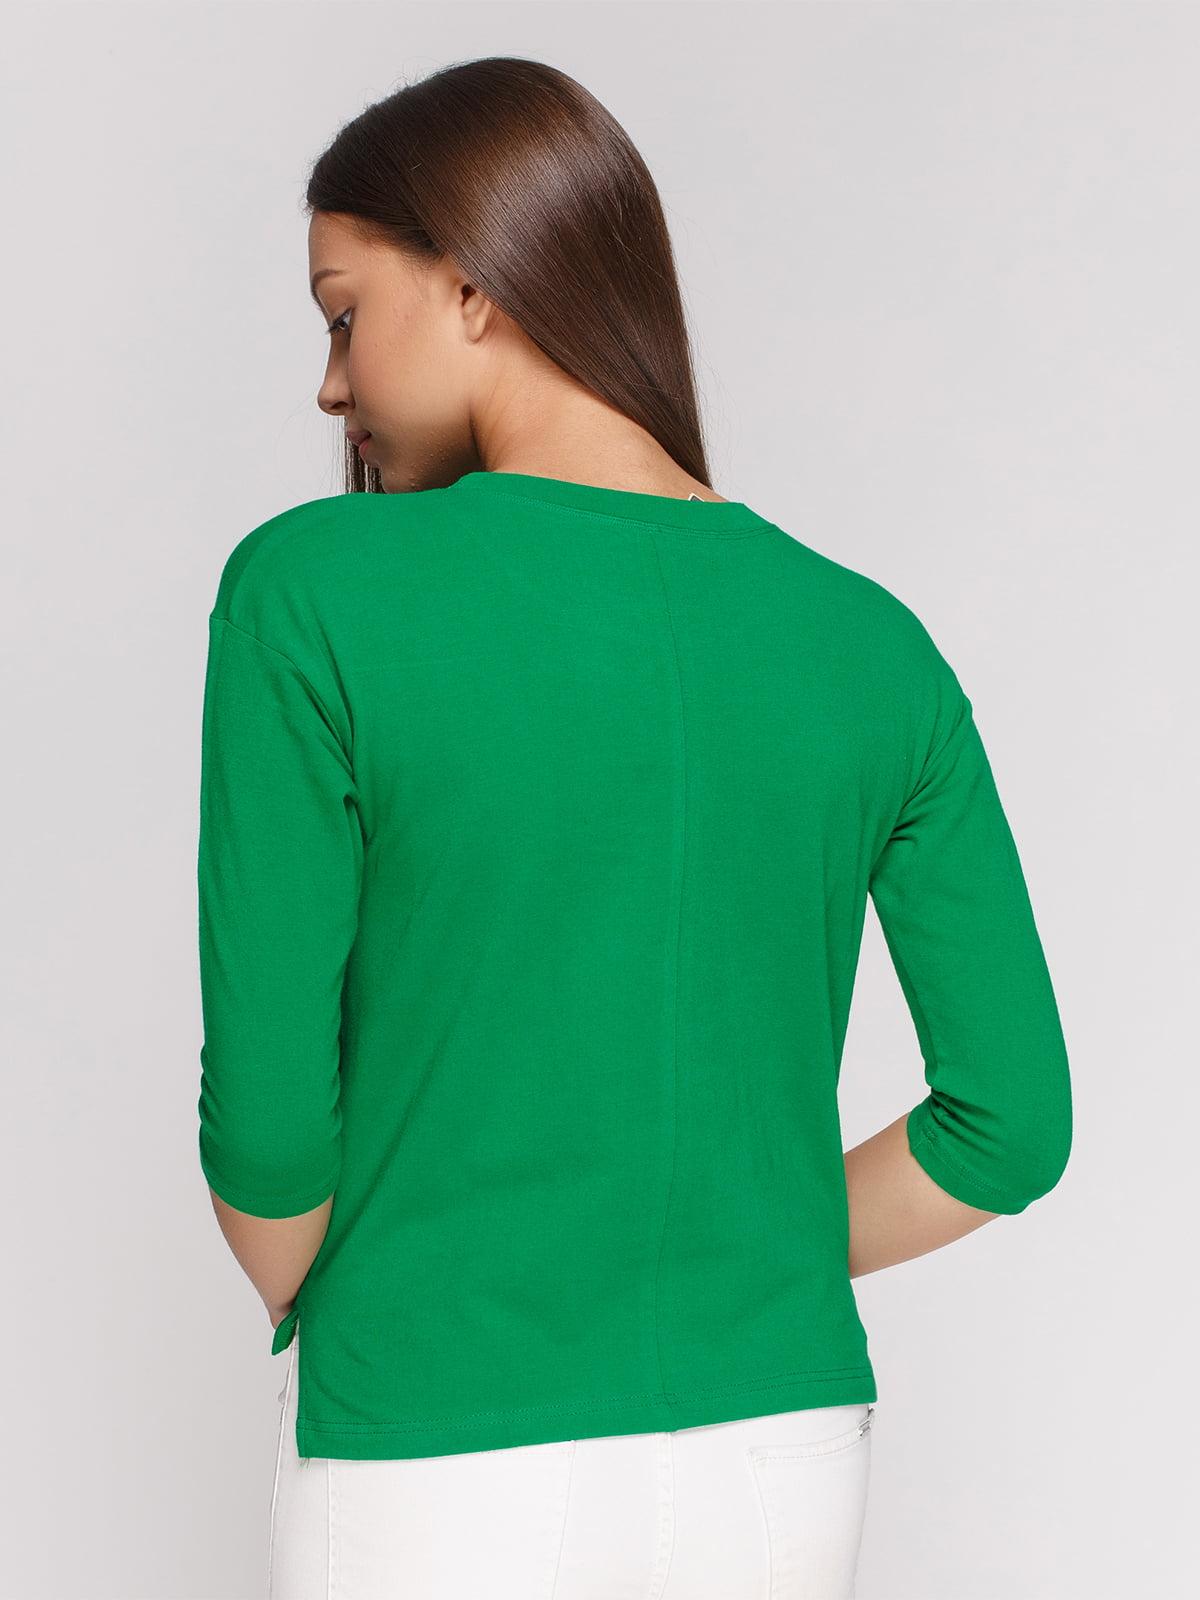 Лонгслив зеленый с принтом | 4578154 | фото 2